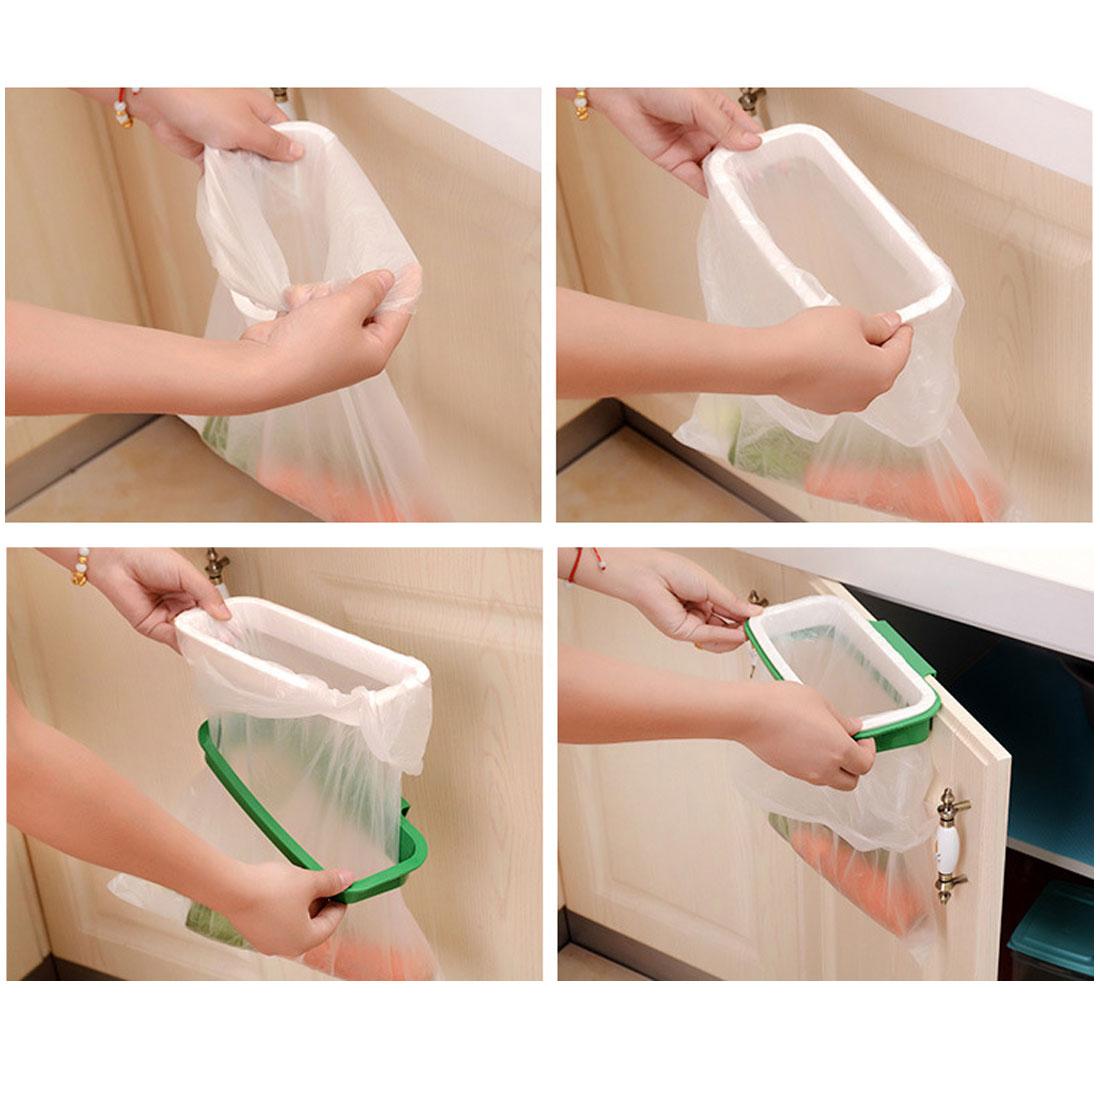 Νέα τσάντα άφιξης Κρεμαστό Κουζίνα - Οργάνωση και αποθήκευση στο σπίτι